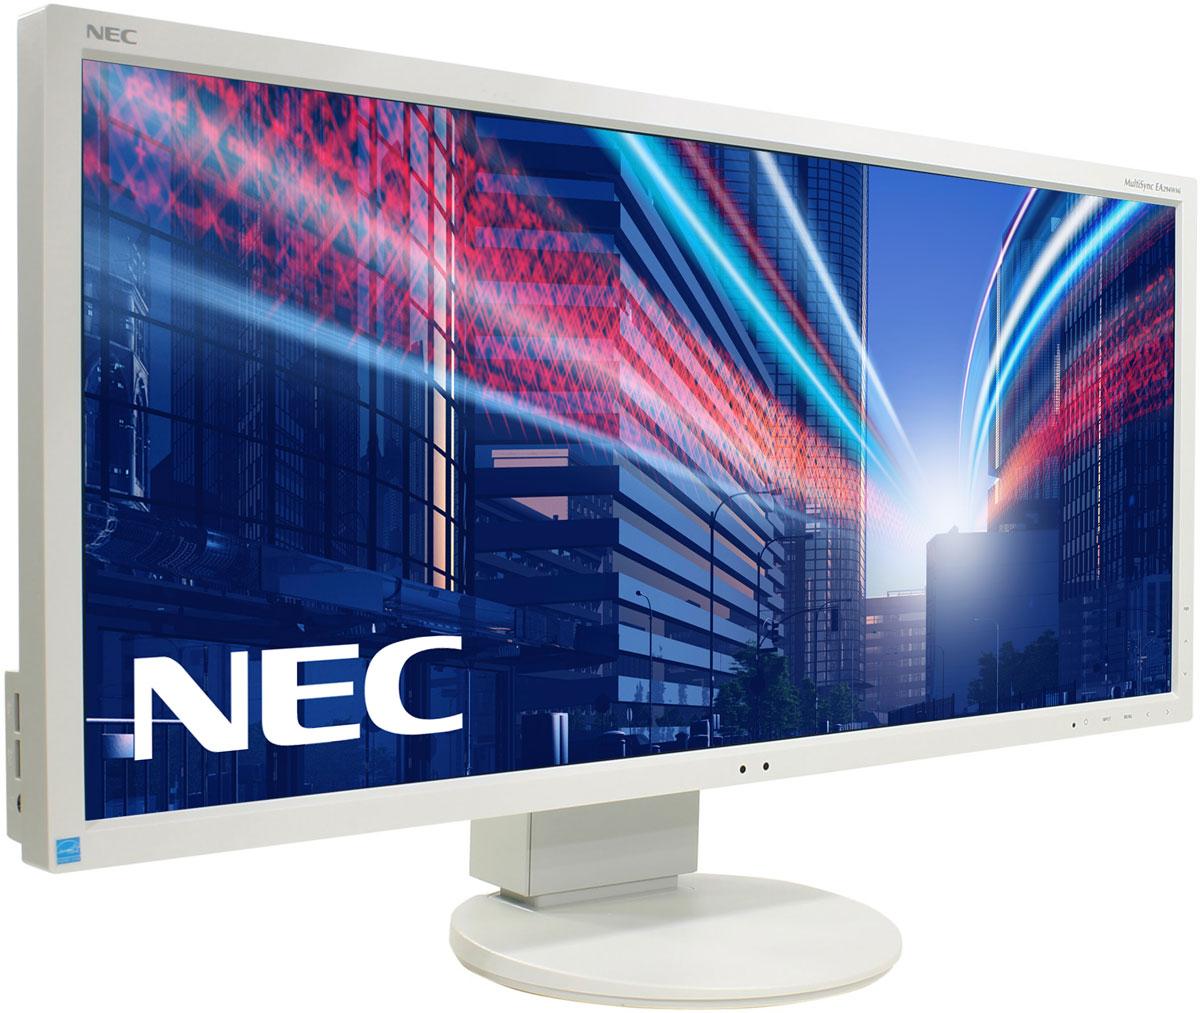 NEC EA294WMi, White монитор60003415Модель NEC EA294WMi обладает очень тонкой 29-дюймовой панелью 21:9 с разрешением 2560x1080, а также со светодиодной подсветкой и IPS-технологией, что обеспечивает ультрасовременный и ультратонкий дизайн. Благодаря новому формату, соответствующему экранной установке из двух обычных 19-дюймовых экранов, данная модель является отличной альтернативой для любых многоэкранных установок. Датчик внешней освещенности и датчик присутствия являются характеристиками, соответствующими экологичной концепции продукции, кроме того, данная модель обладает улучшенными эргономическими характеристиками, например, механизмом регулирования высоты до 130 мм. Новая характеристика Control Sync обеспечивает синхронизацию мультимониторной настройки, а стандарт MHL (Mobile High Definition Link) предоставляет прямую связь монитора с вашим смартфоном. Эргономичный офис - регулировка по высоте (130 мм), возможность поворота, наклона и вращения обеспечивает удобную установку с учетом...